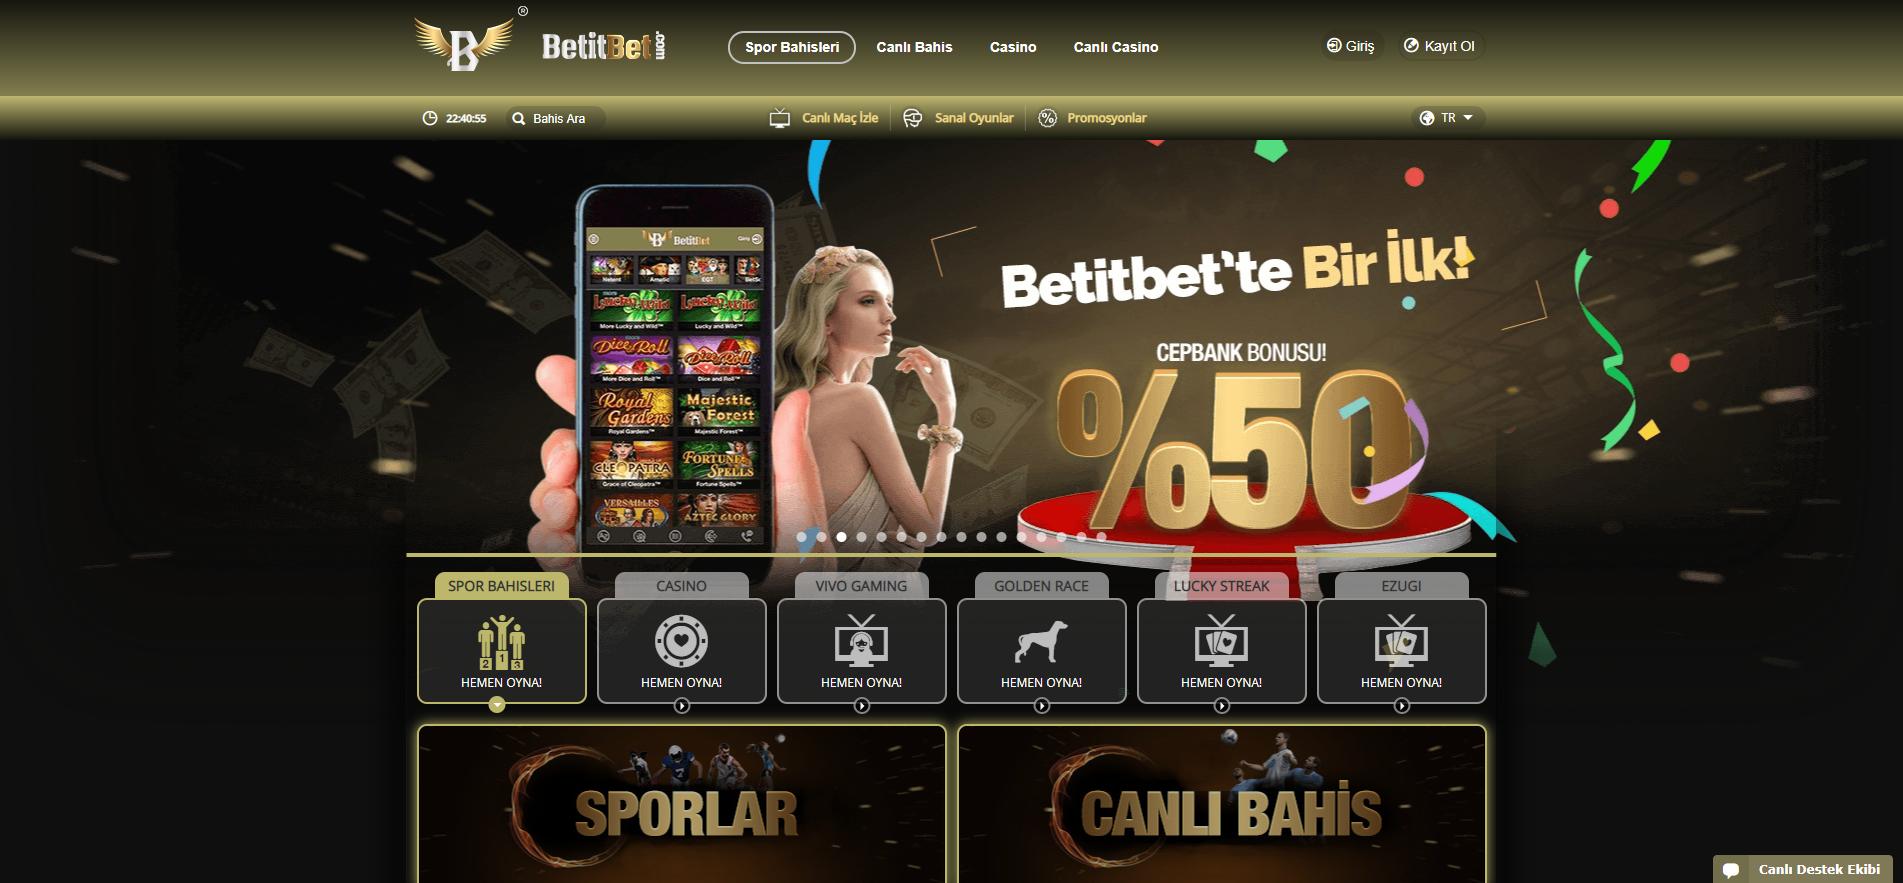 BetitBet